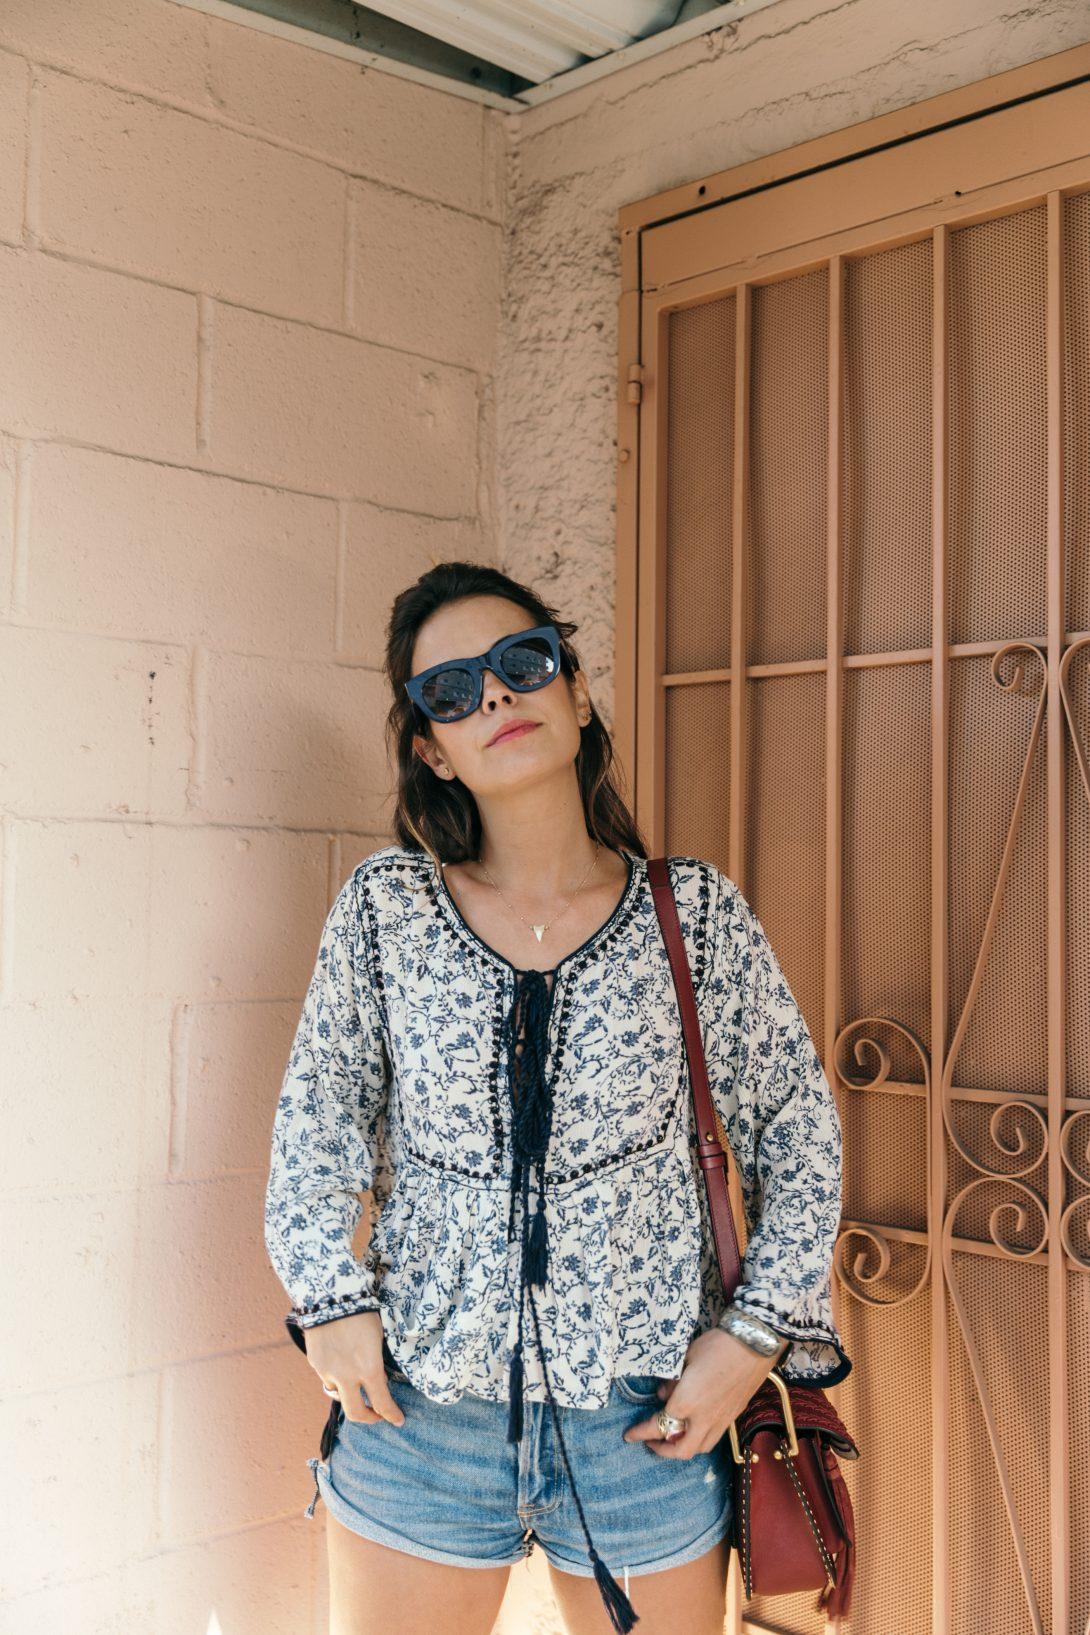 Boho_Top-GRFRND_Jeans-Chloe_Hudson_Bag-Espadrilles-Los_Angeles-Outfit-Collage_Vintage--37